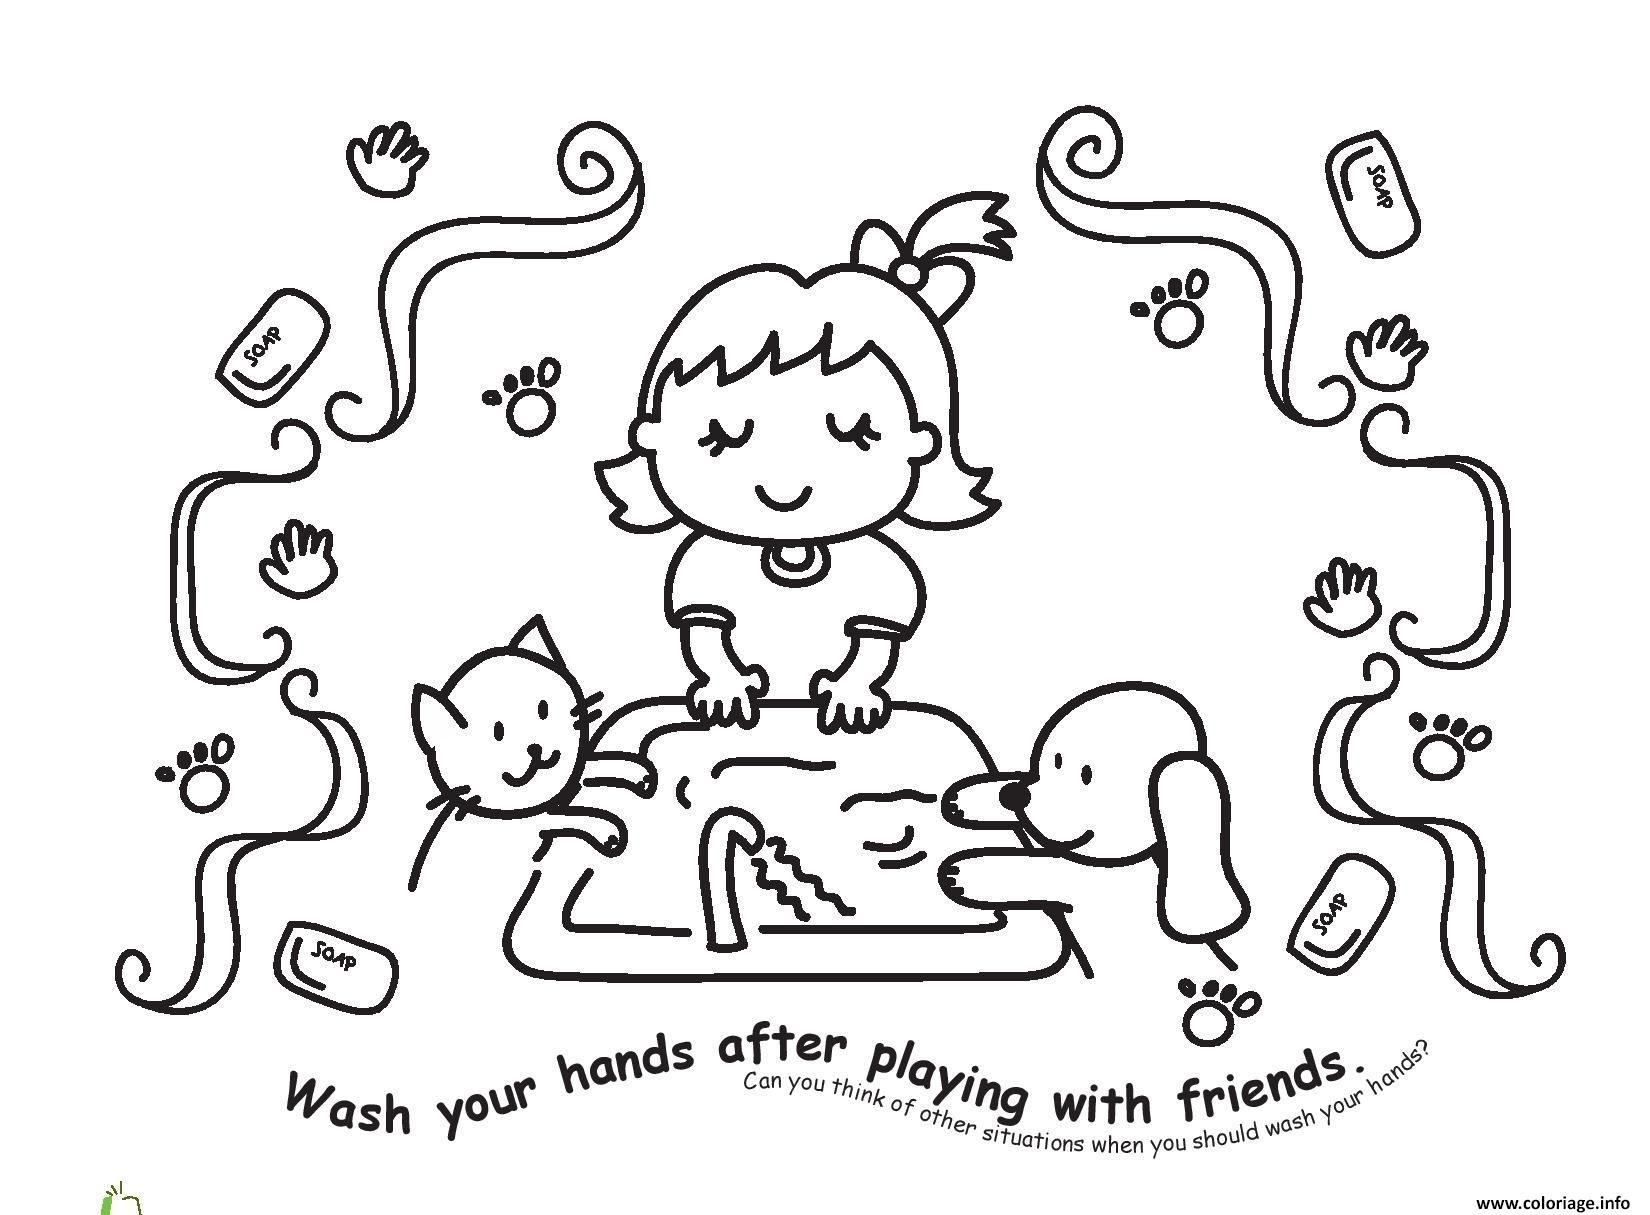 Dessin laver les mains apres avoir jouer avec nos amis Coloriage Gratuit à Imprimer